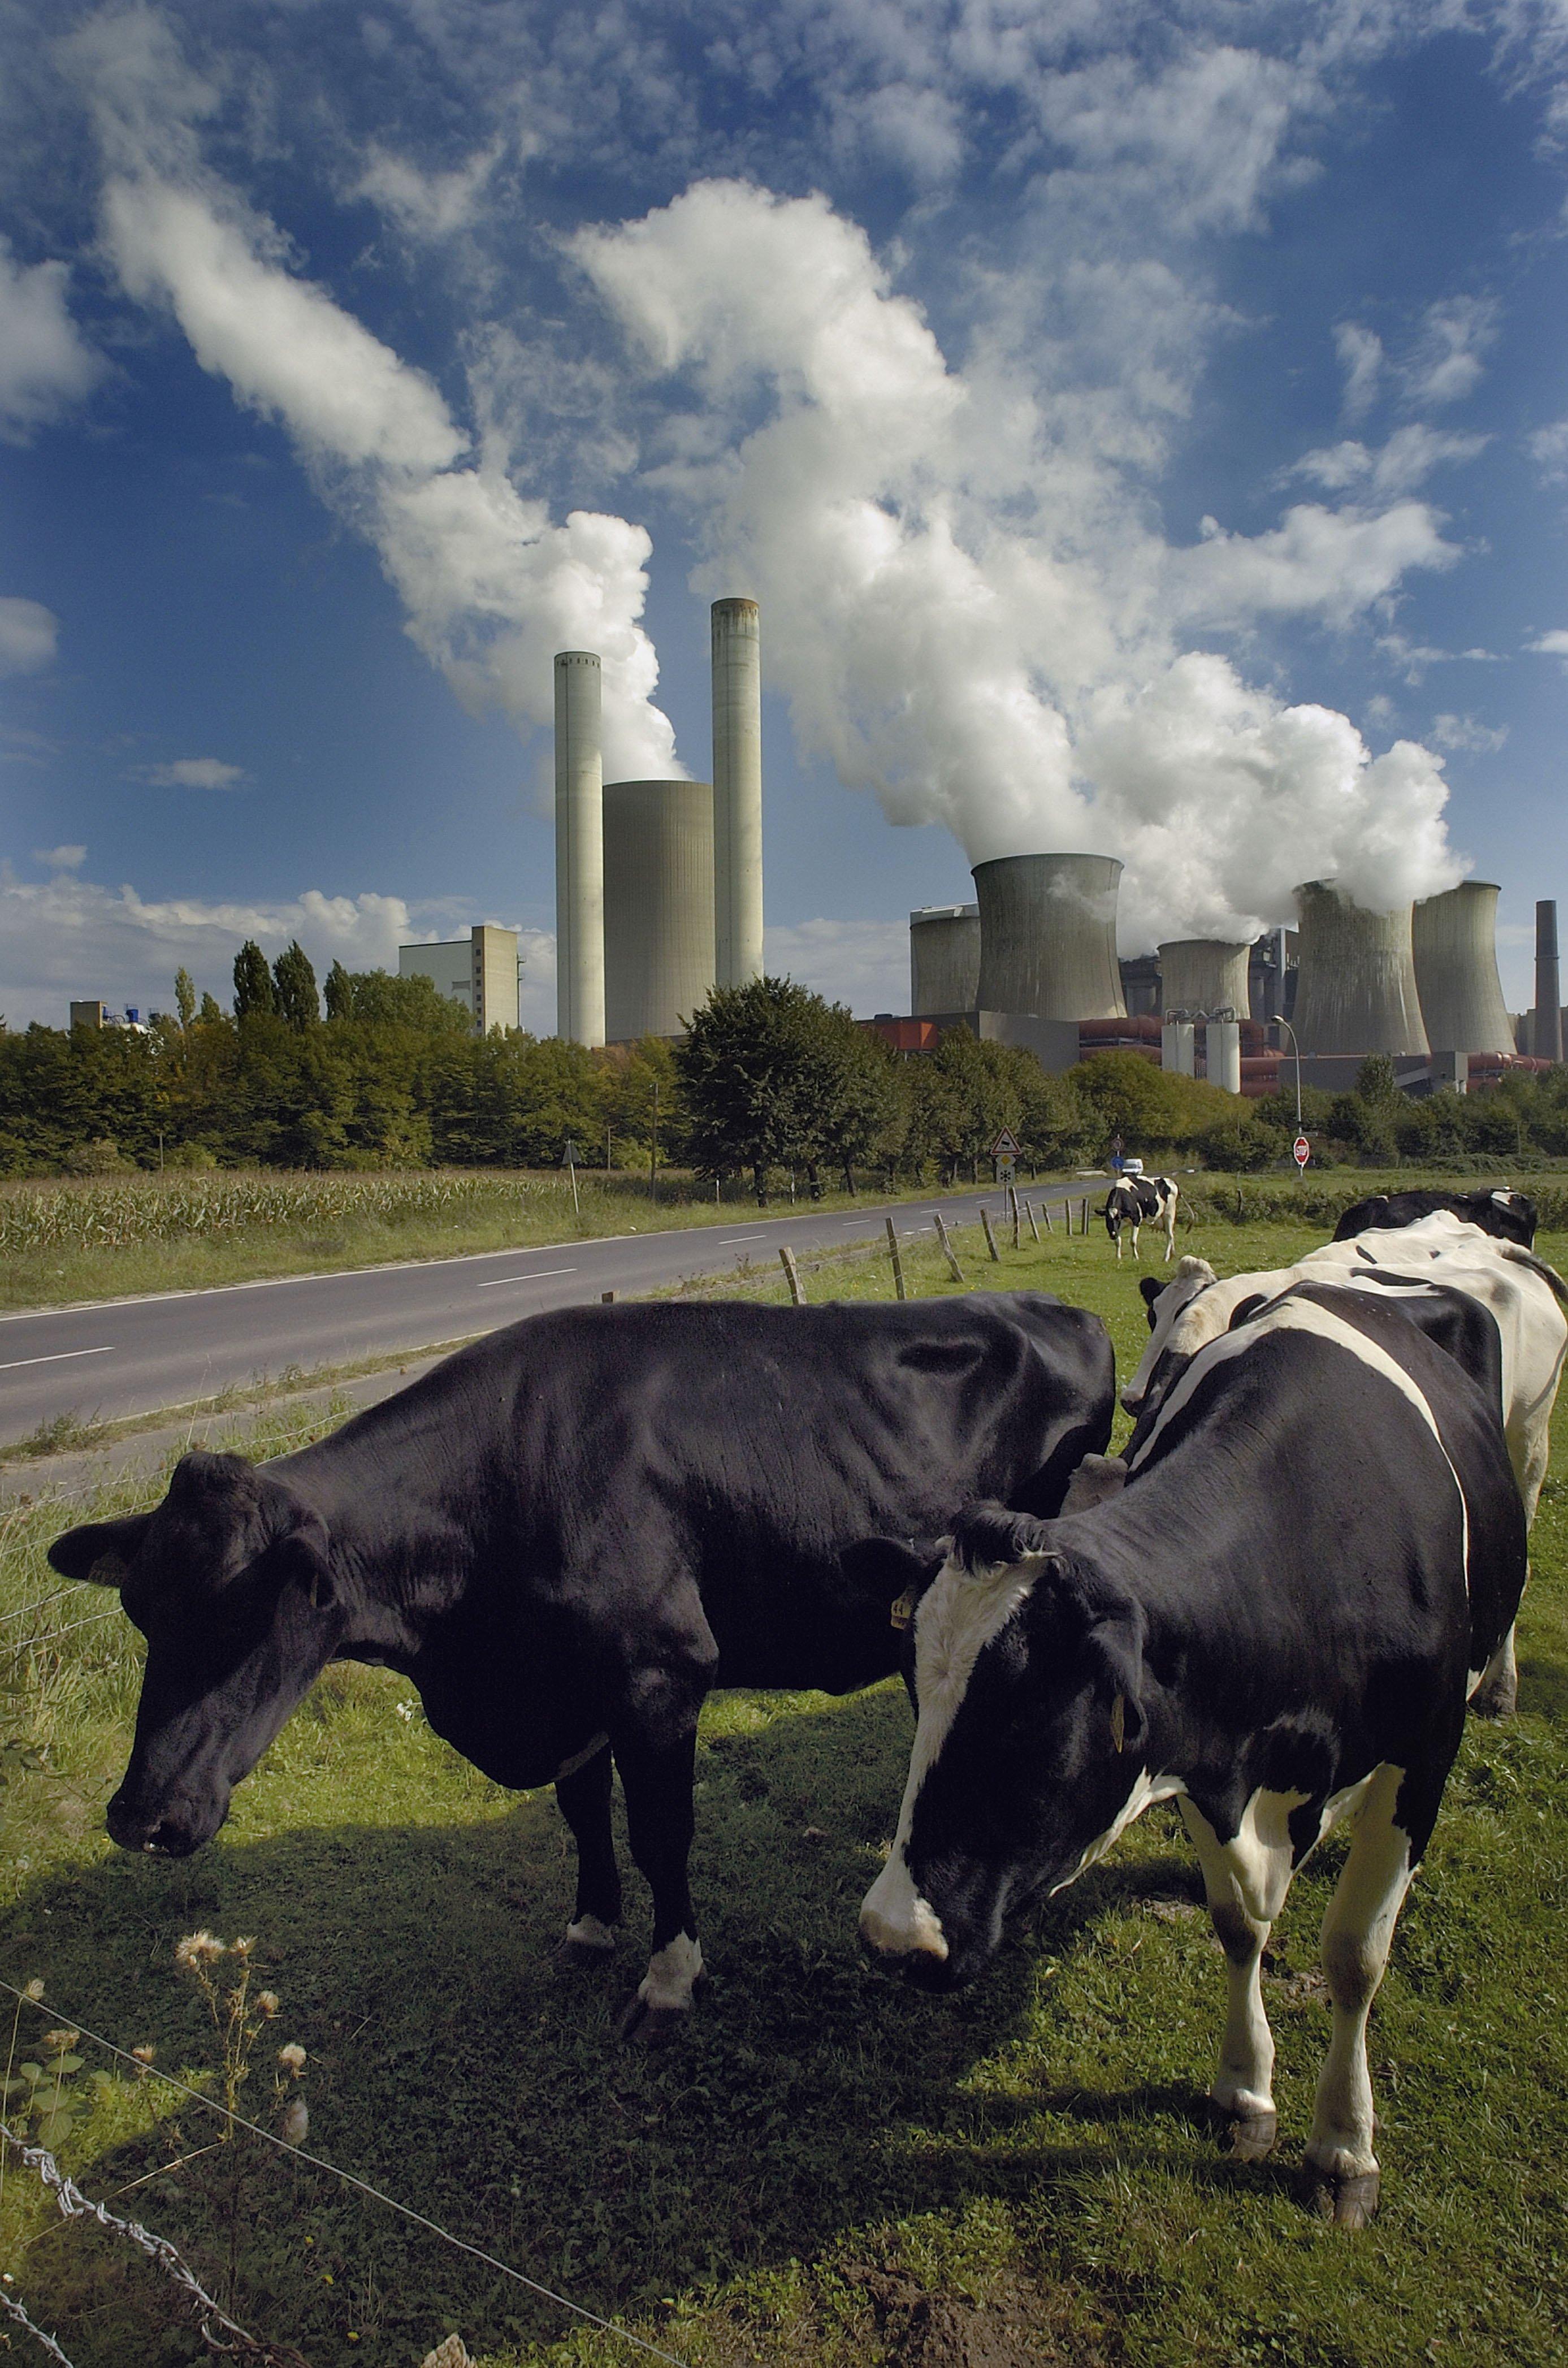 Landwirtschaft und Kraftwerke gehören zu den größten Wasserverbrauchern und werden besonders unter der verschärften Knappheit zu leiden haben.